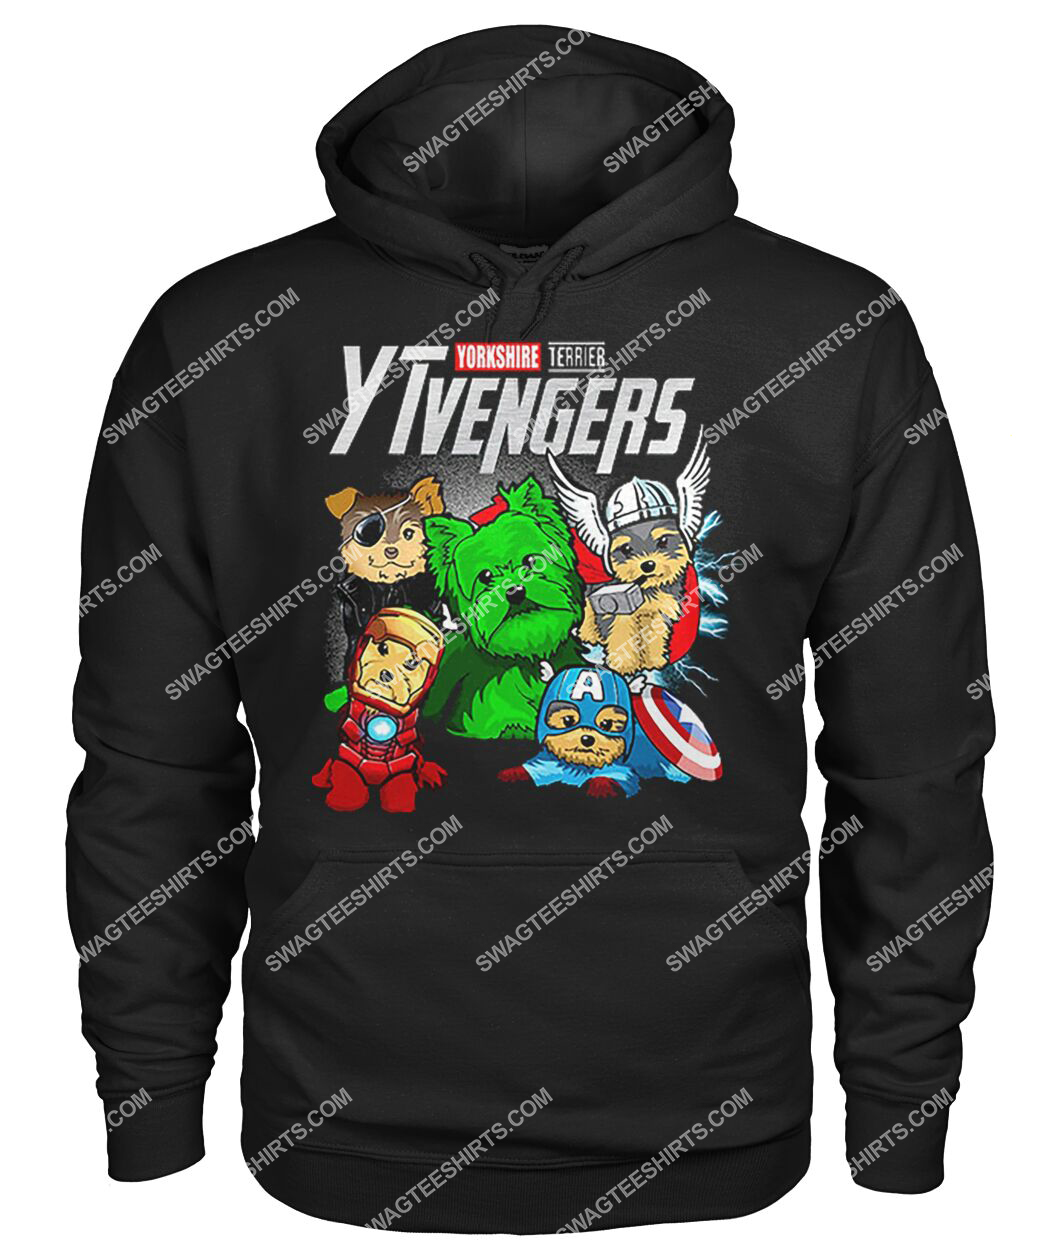 yorkshire terrier ytvengers marvel avengers dogs lover hoodie 1